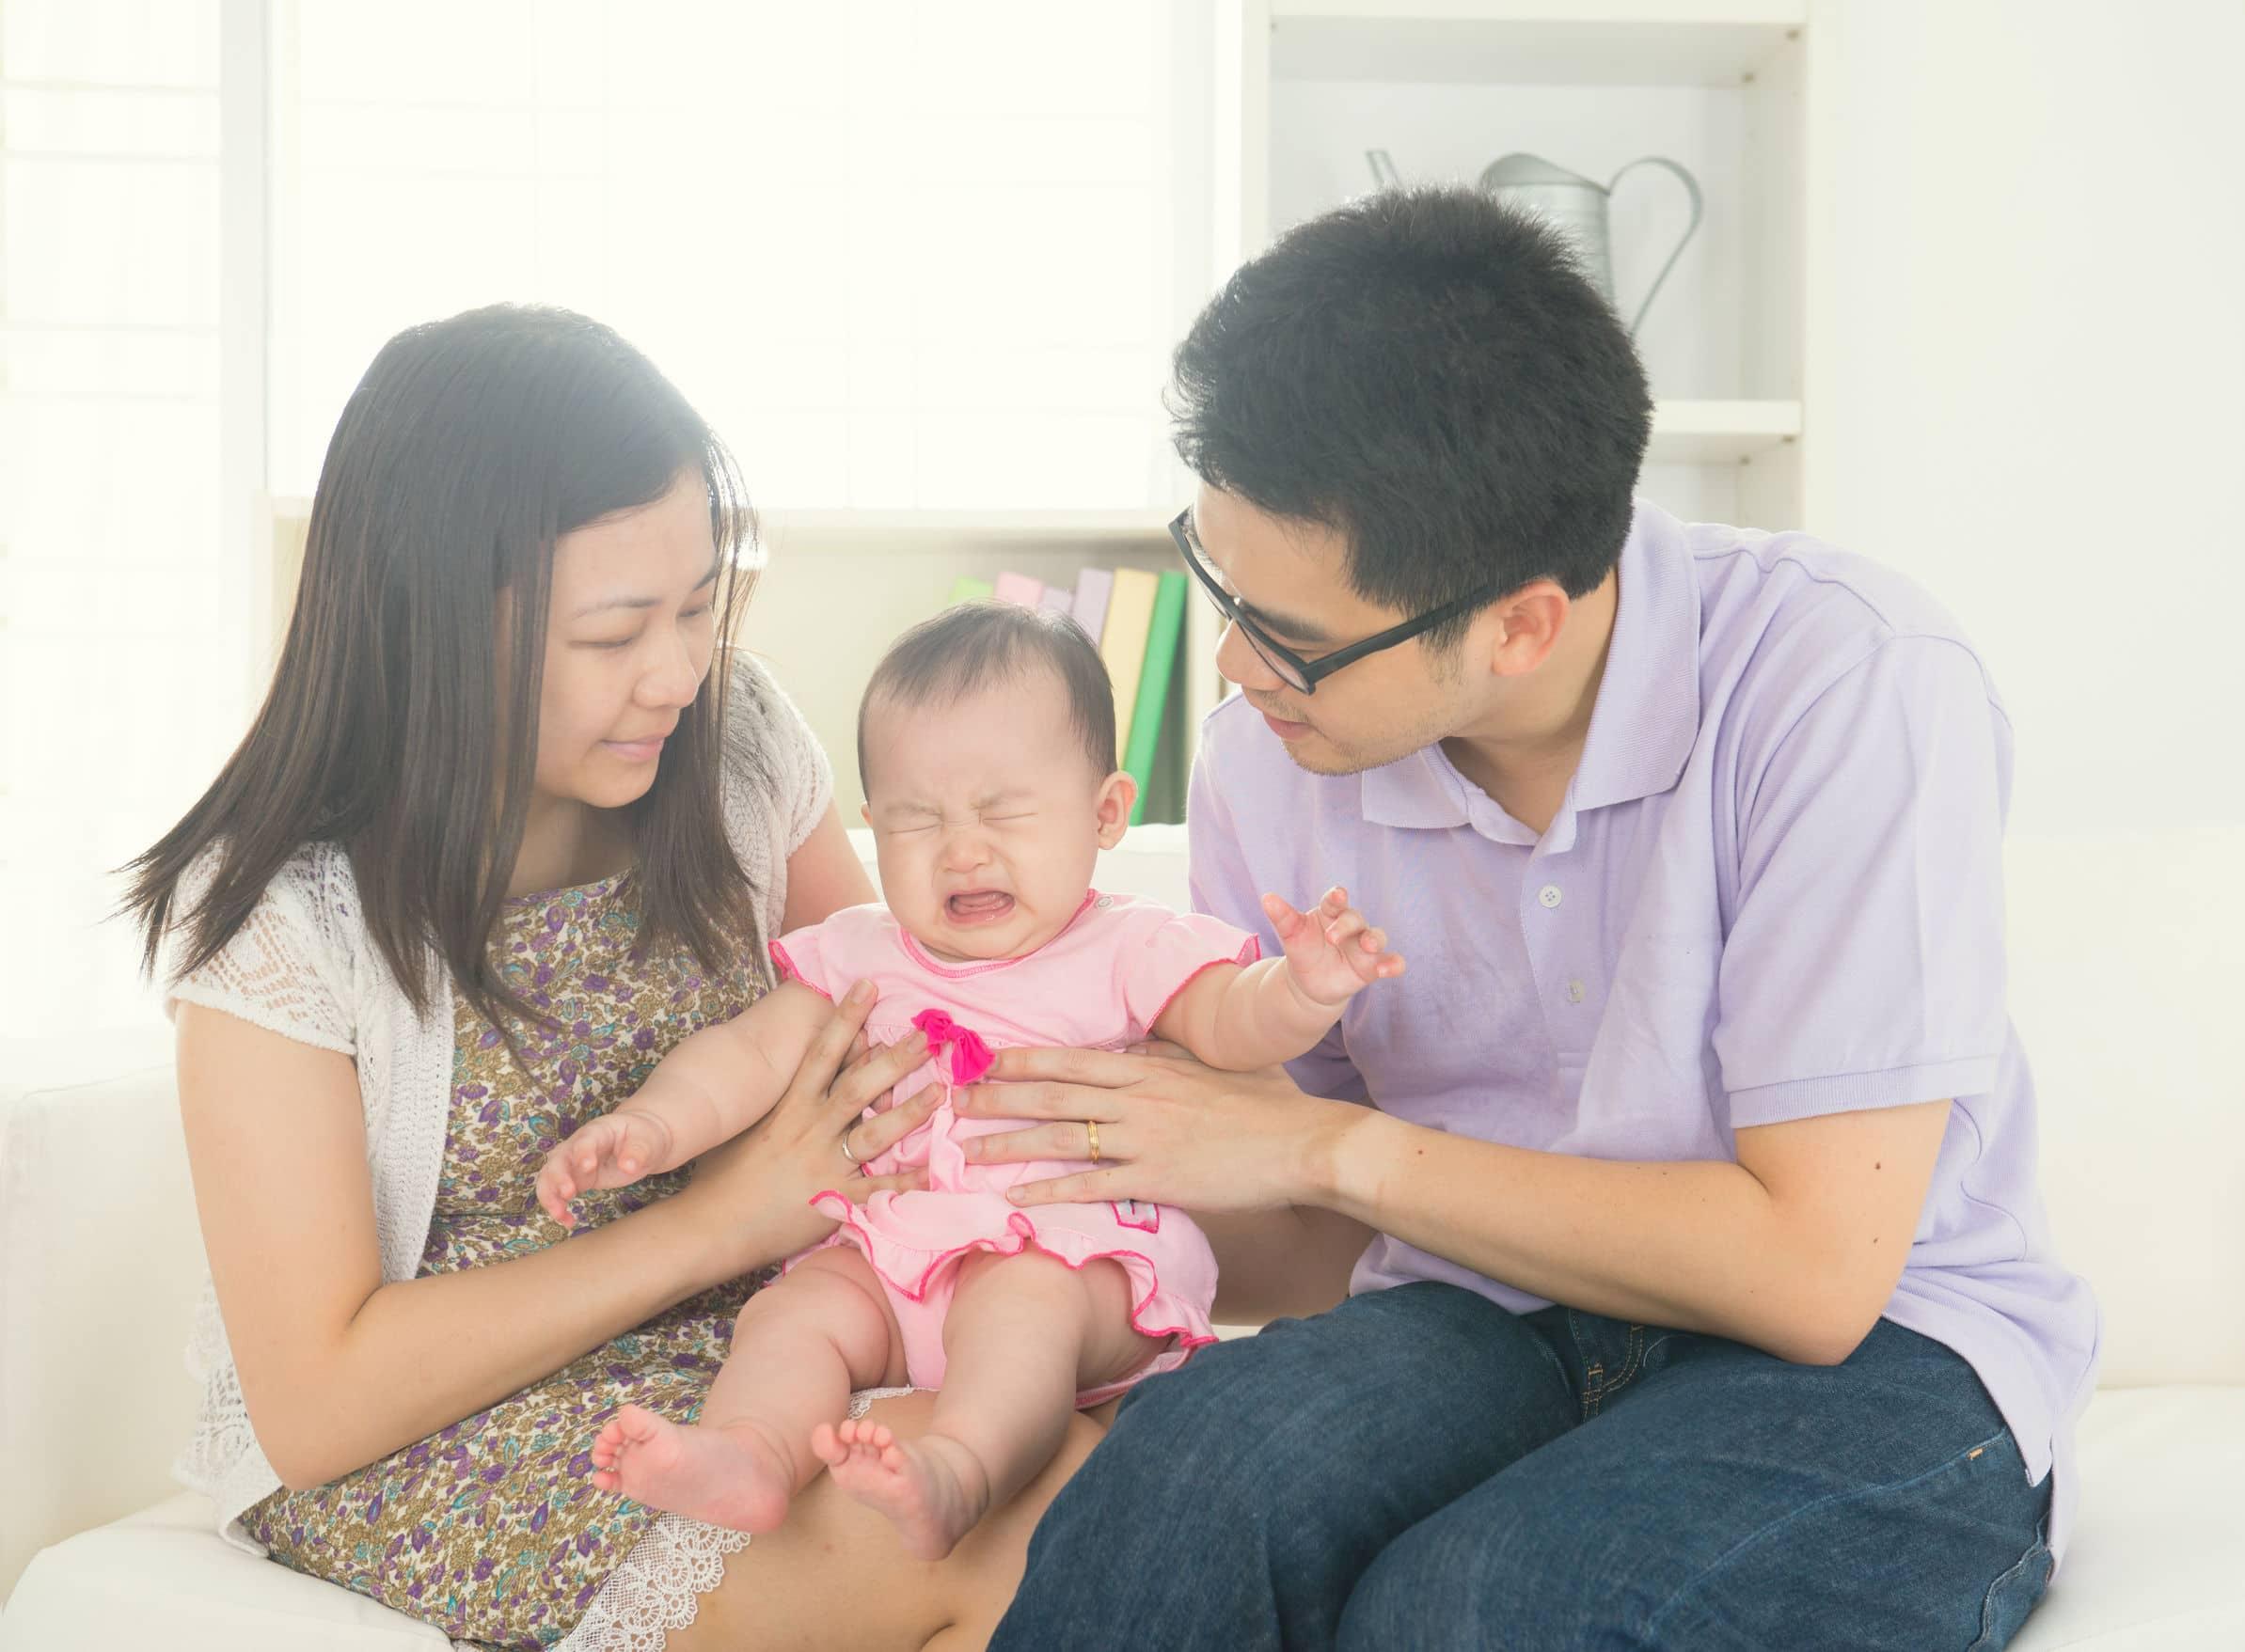 Família de pai, mãe e bebê chorando no colo da mãe.